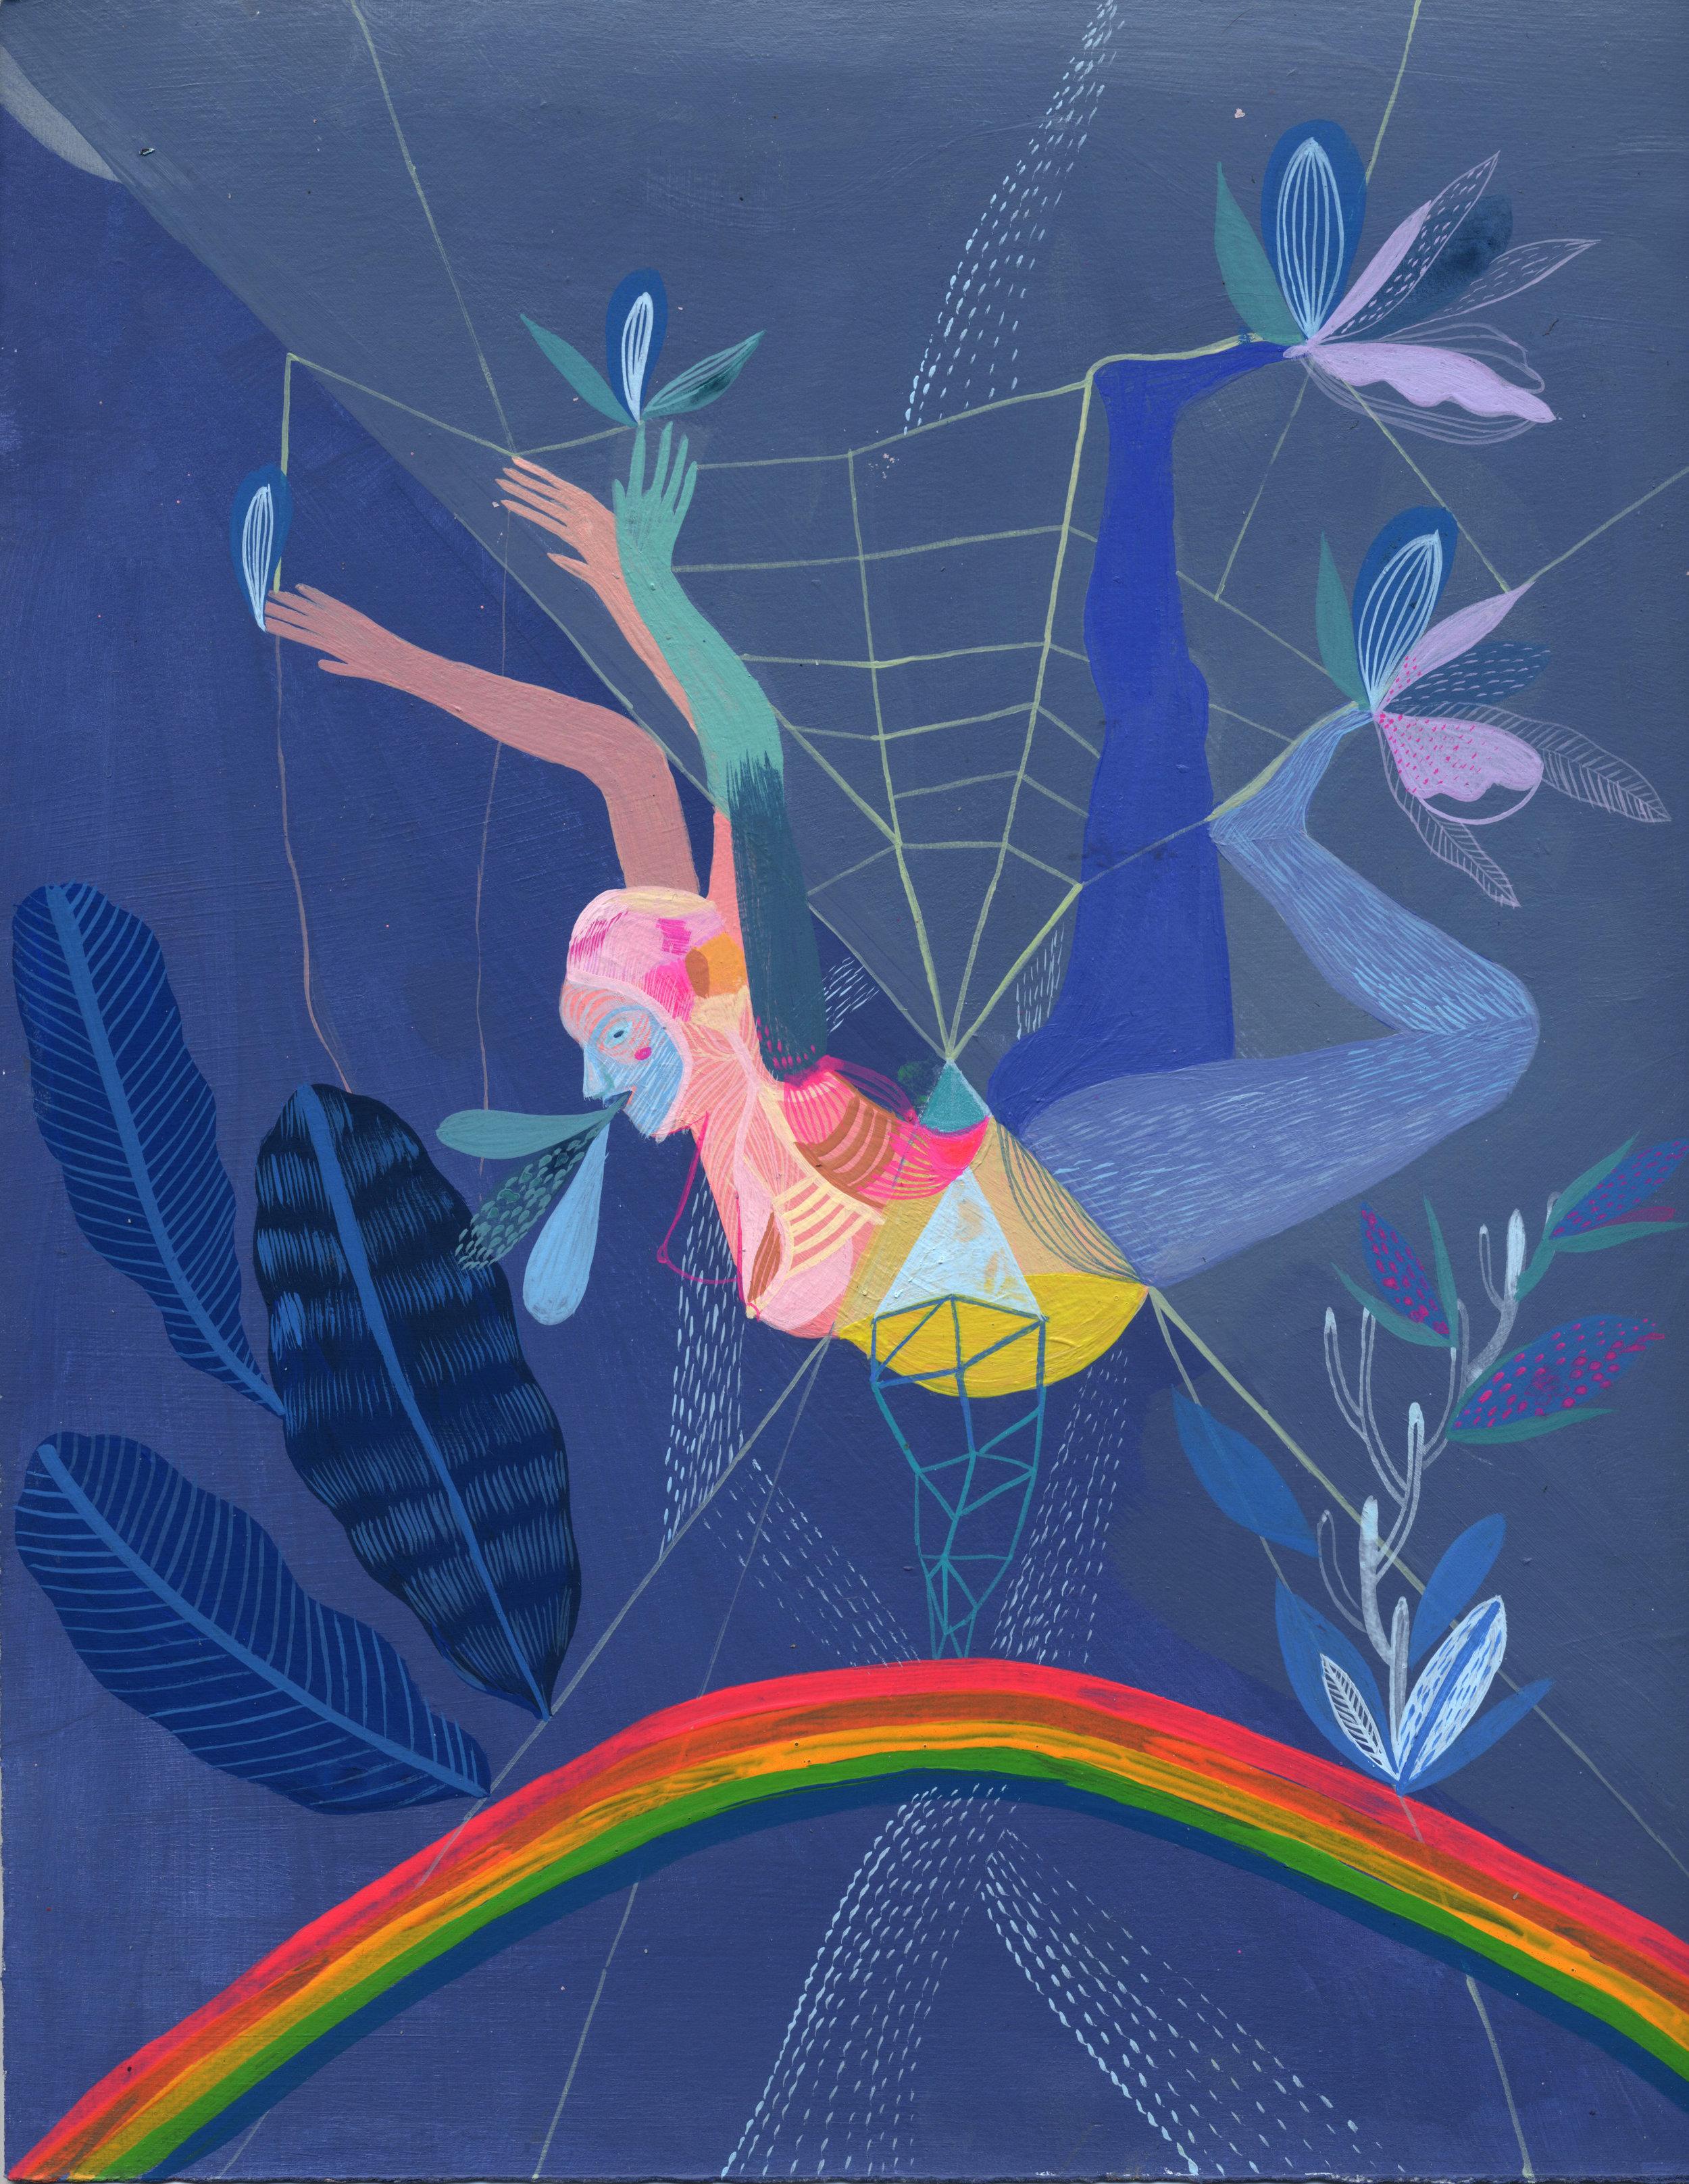 rainbow bounce